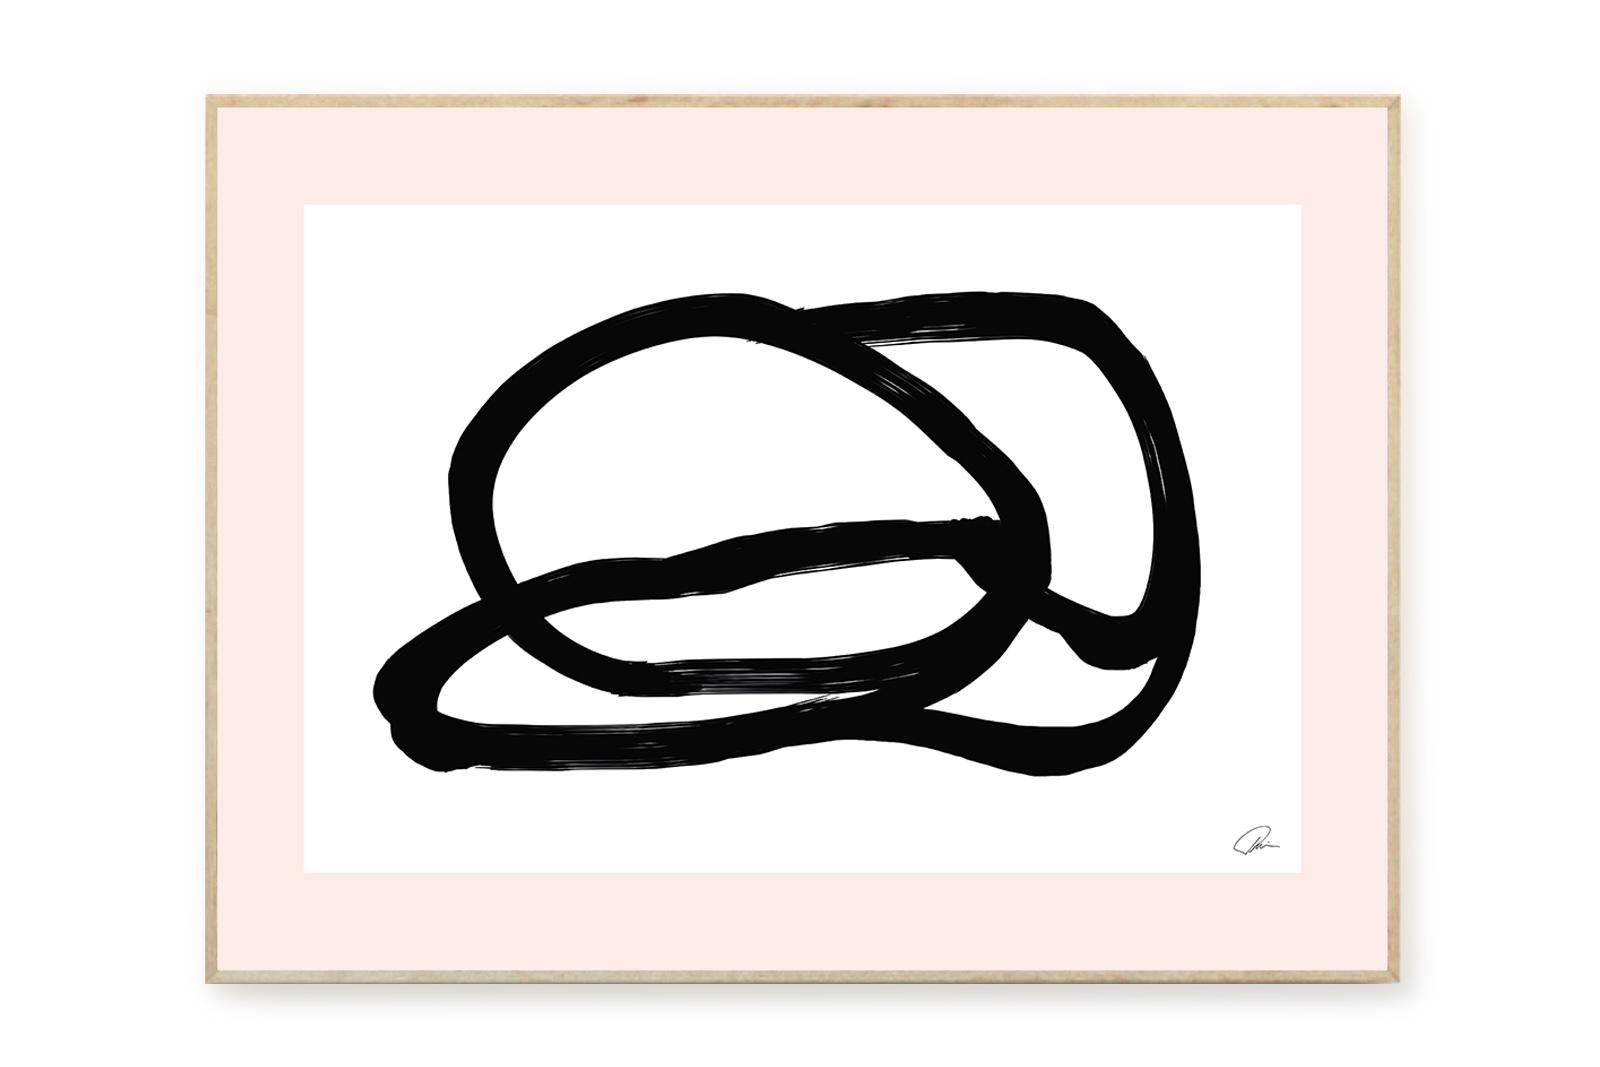 THE POSTER CLUB × RUBIN studio ポスター/アートプリント 50×70cm Composition 01【イラスト インテリア 北欧雑貨 おしゃれ 壁掛け 絵画 パネル モダン モノクロ モノトーン デンマーク コペンハーゲン】